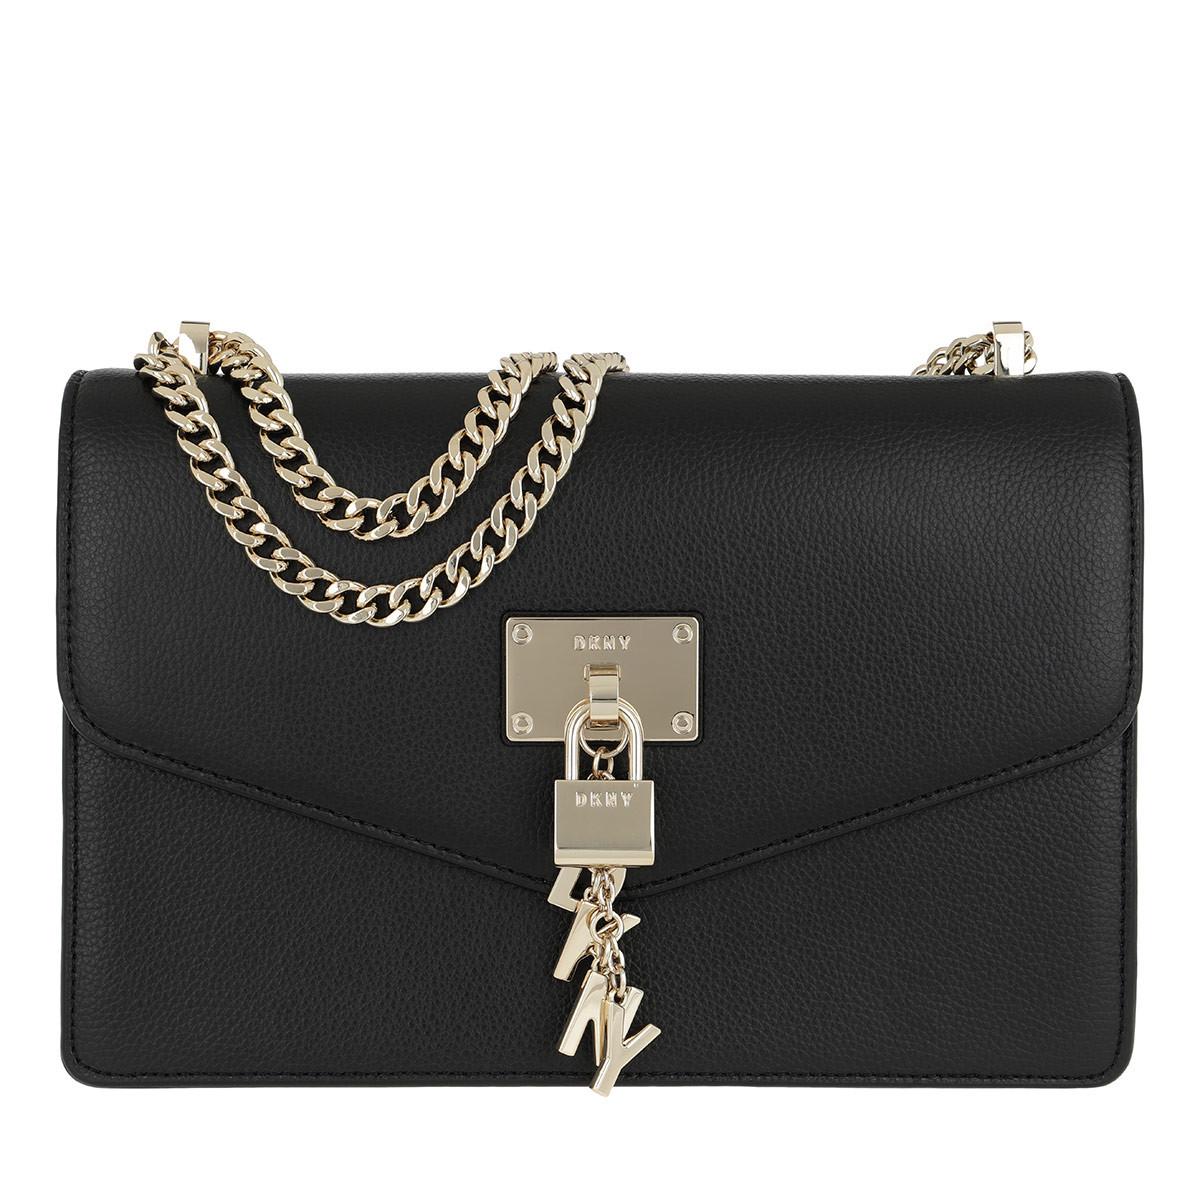 DKNY Umhängetasche - Elissa LG Shoulder Bag Black/Gold - in schwarz - für Damen